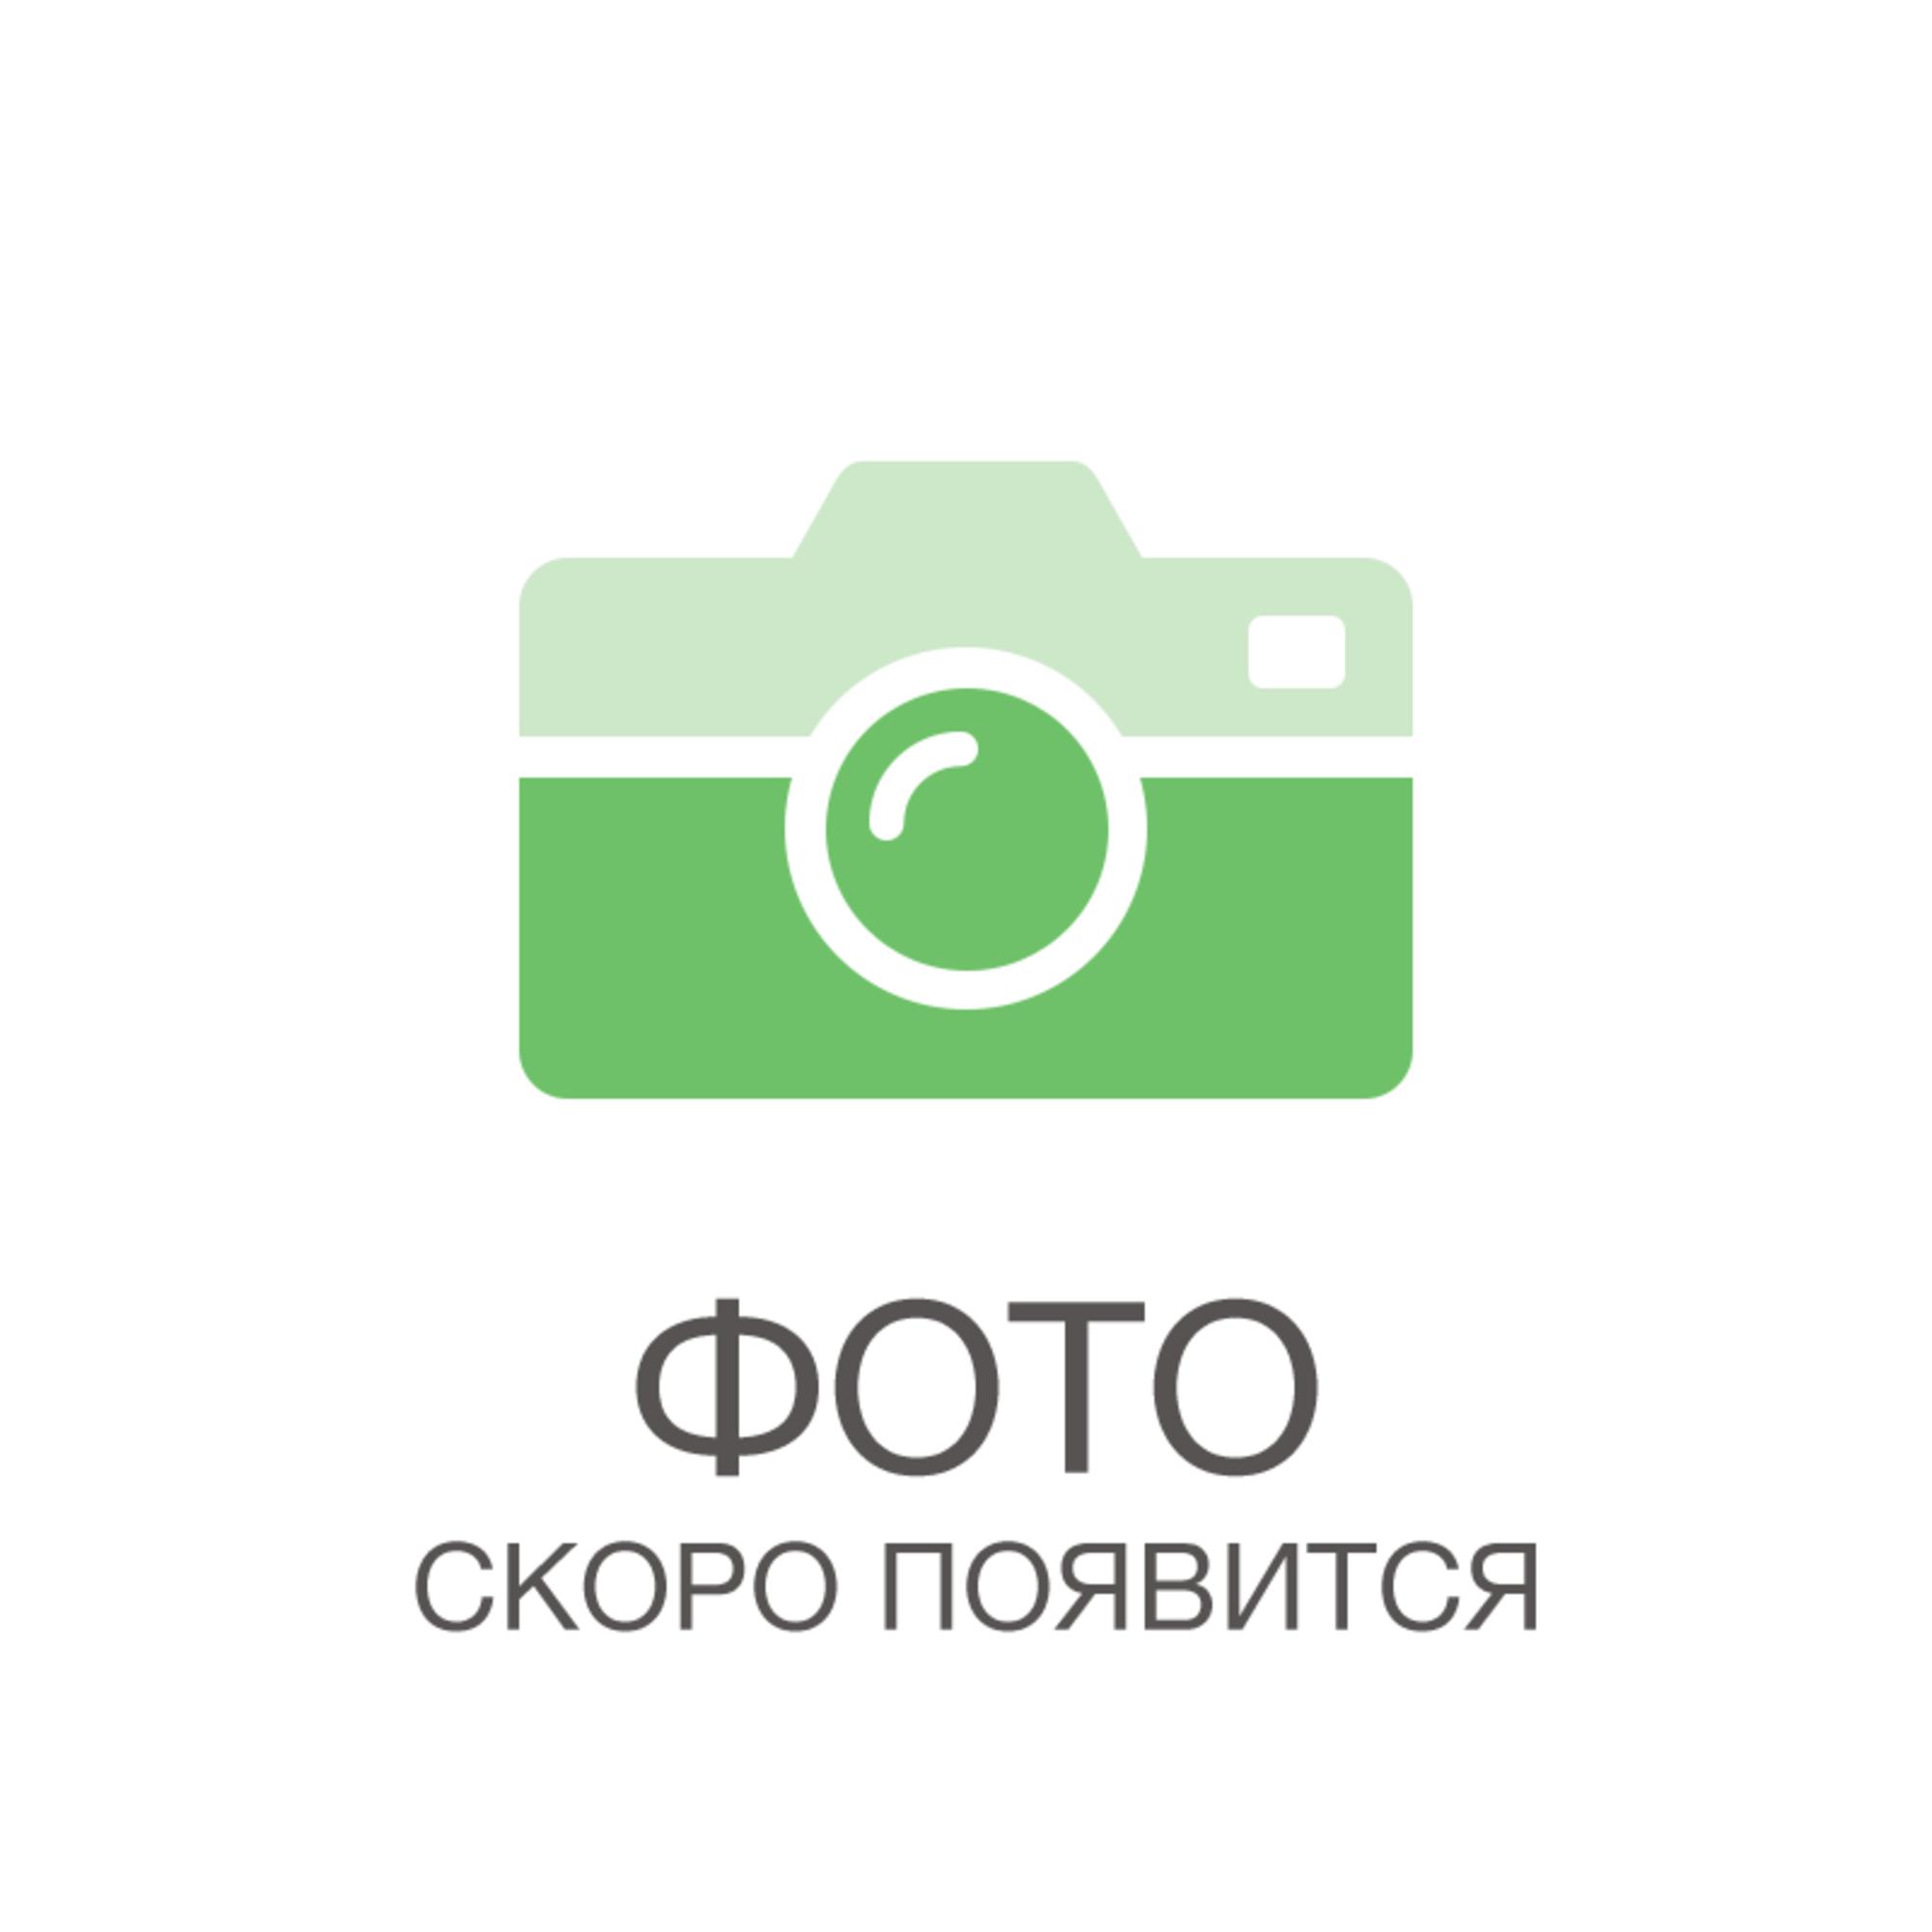 Светодиодная лампочка Фотон 22826 E27 865 Лм 10 Вт